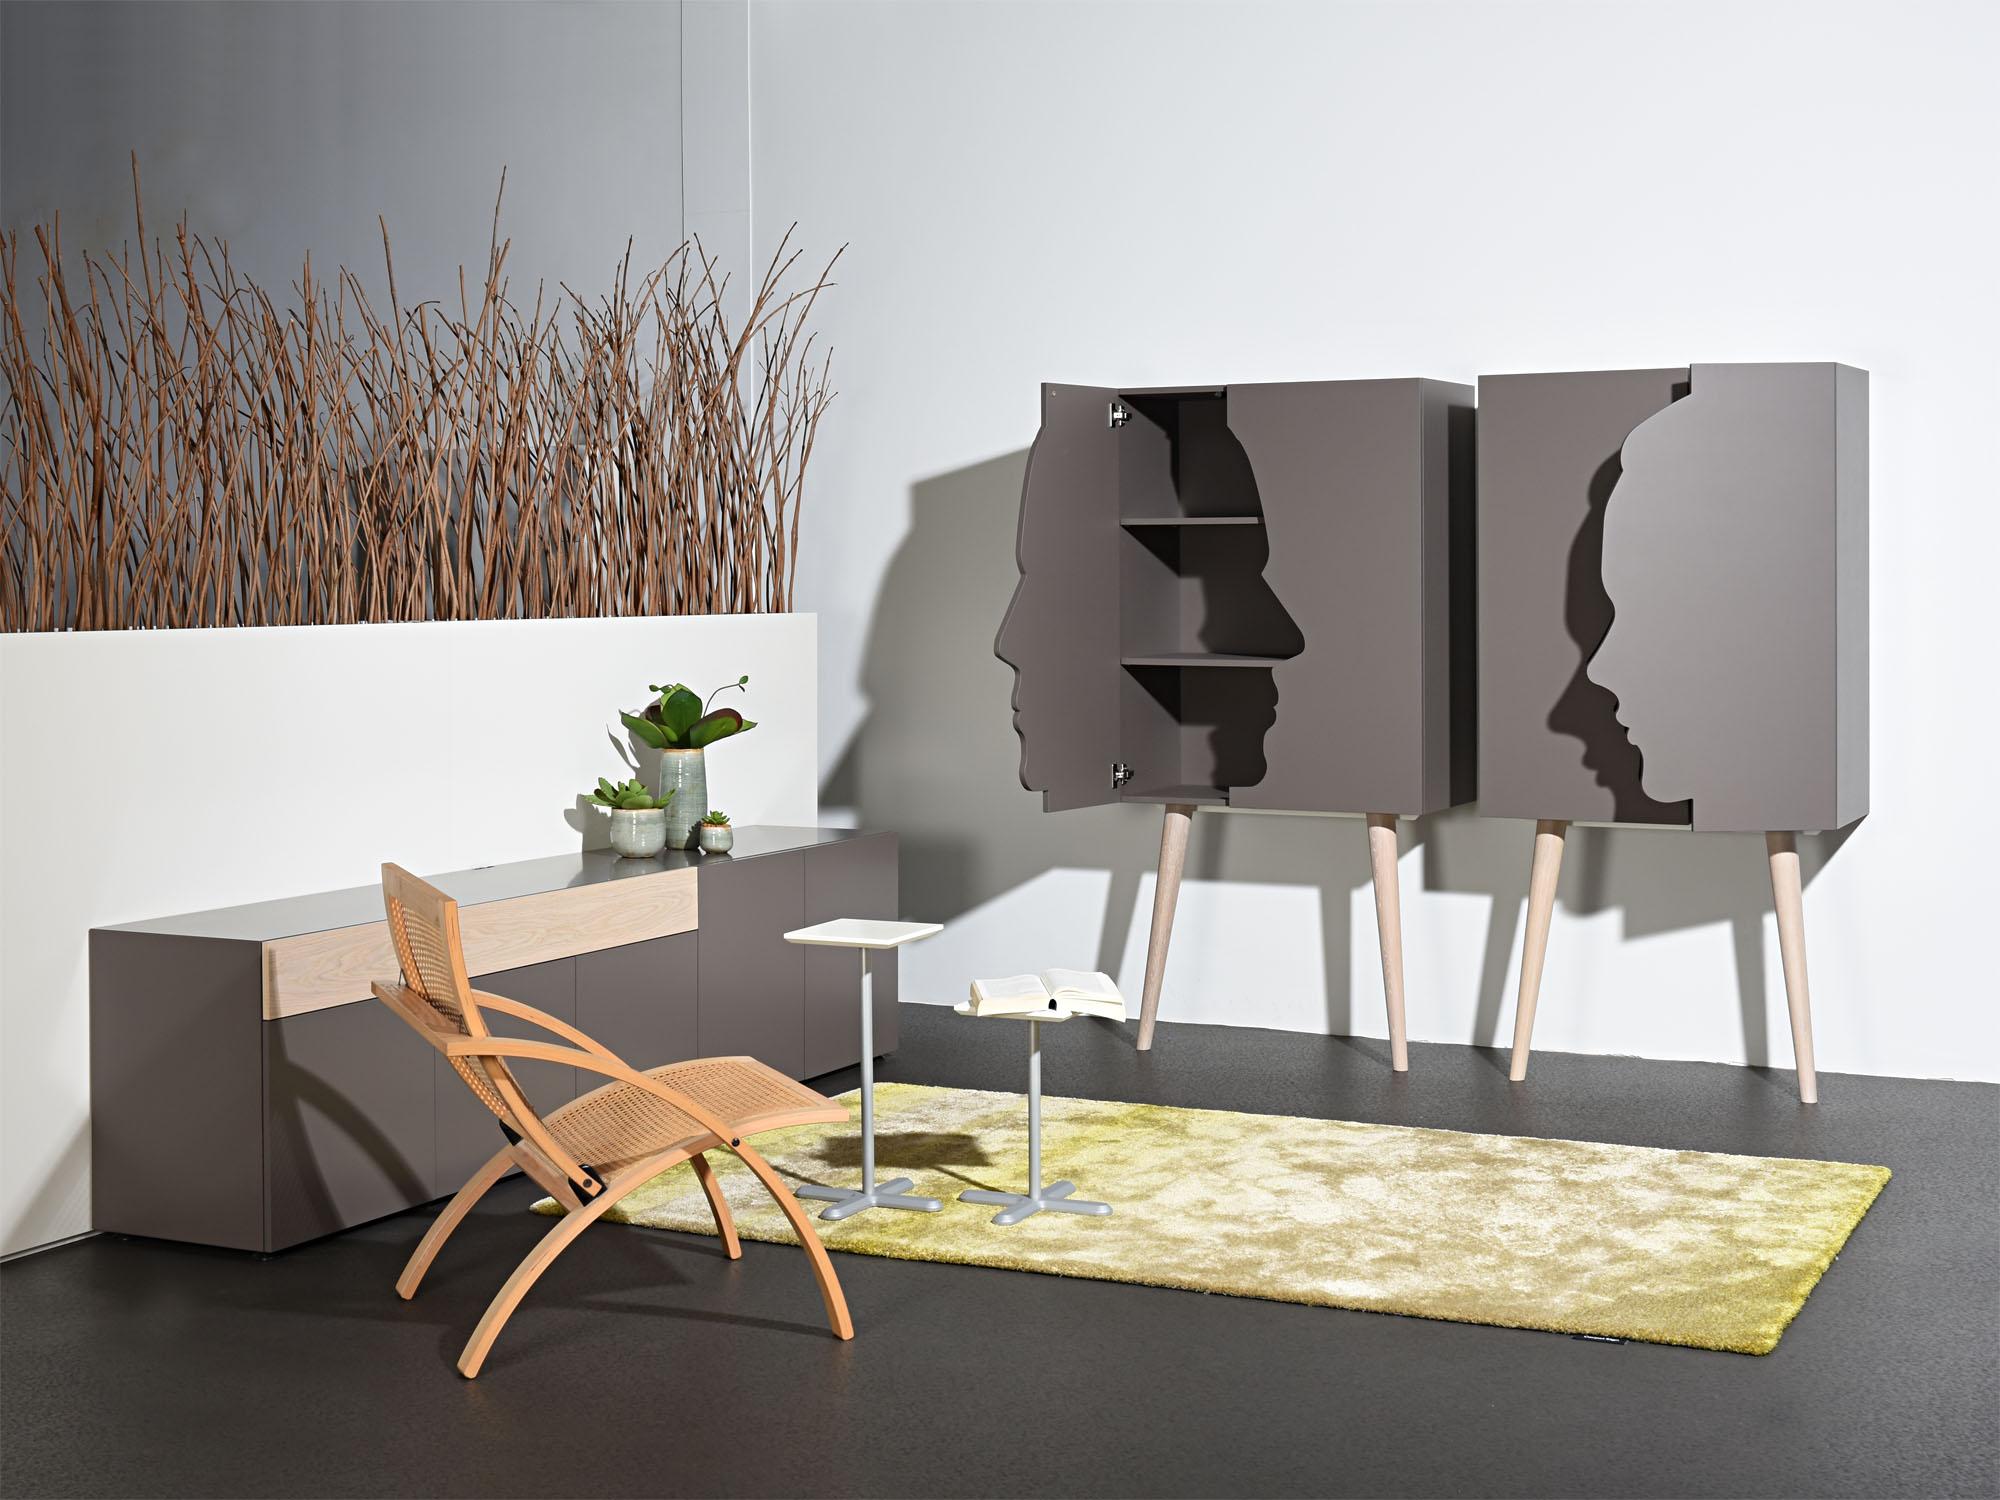 SOLO en RP-leunkast, ontwerp door Castelijn-Team en Coen Castelijn